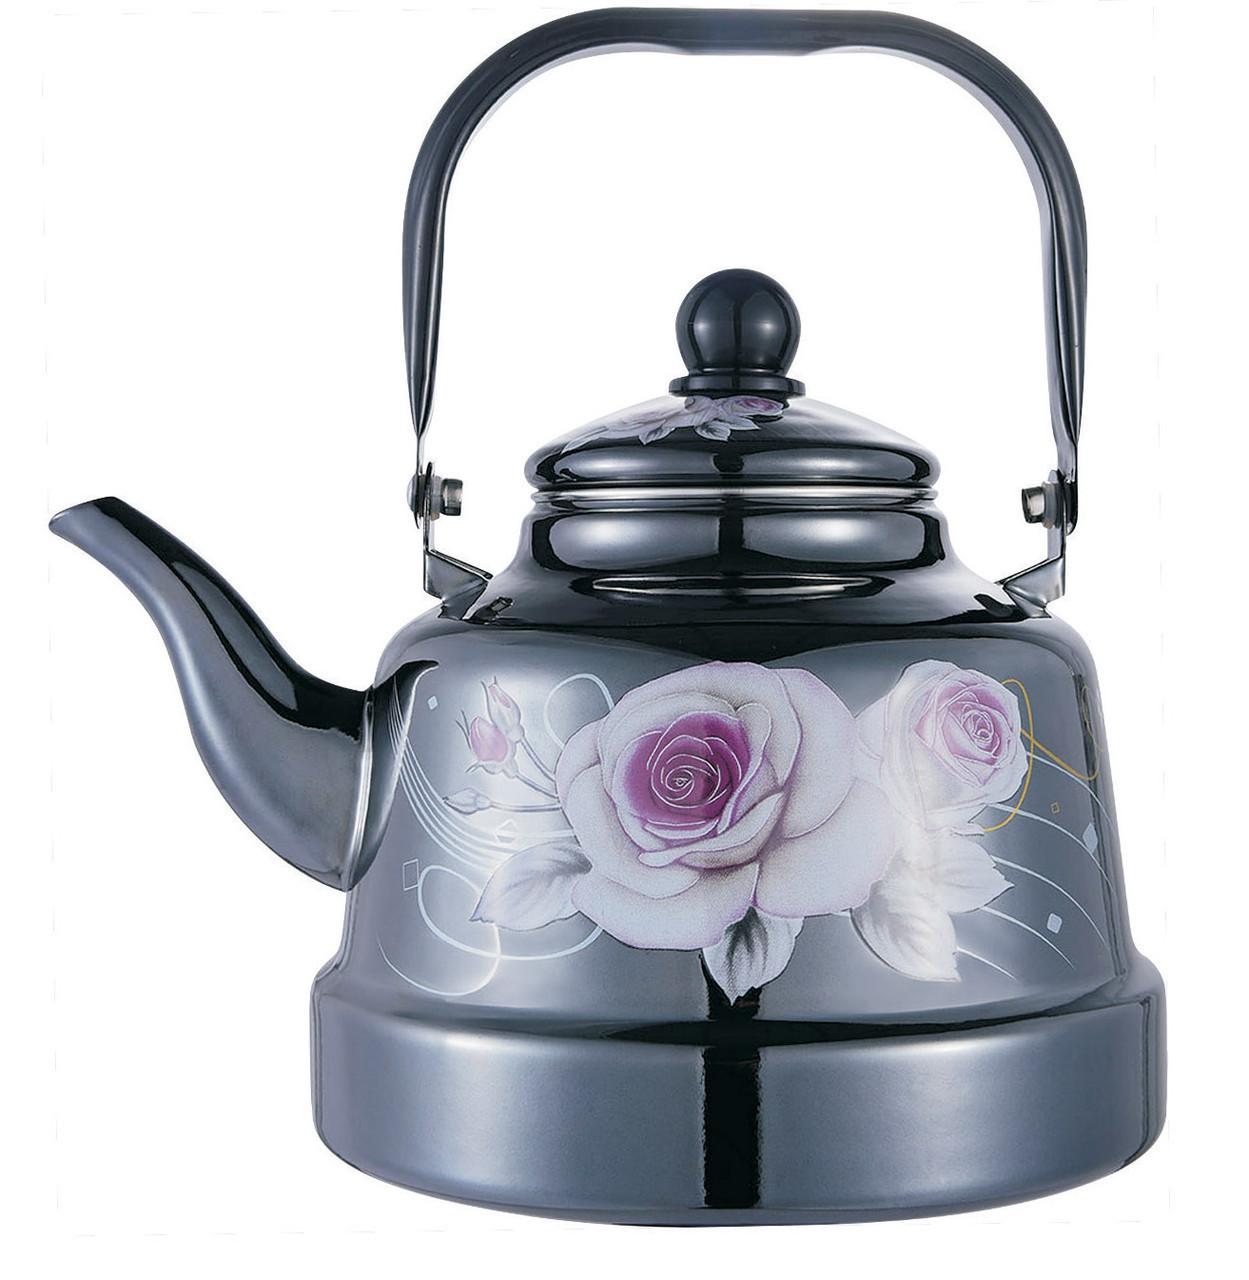 Емальований чайник з рухомою ручкою Benson BN-104 чорний з малюнком (1.1 л) PR3